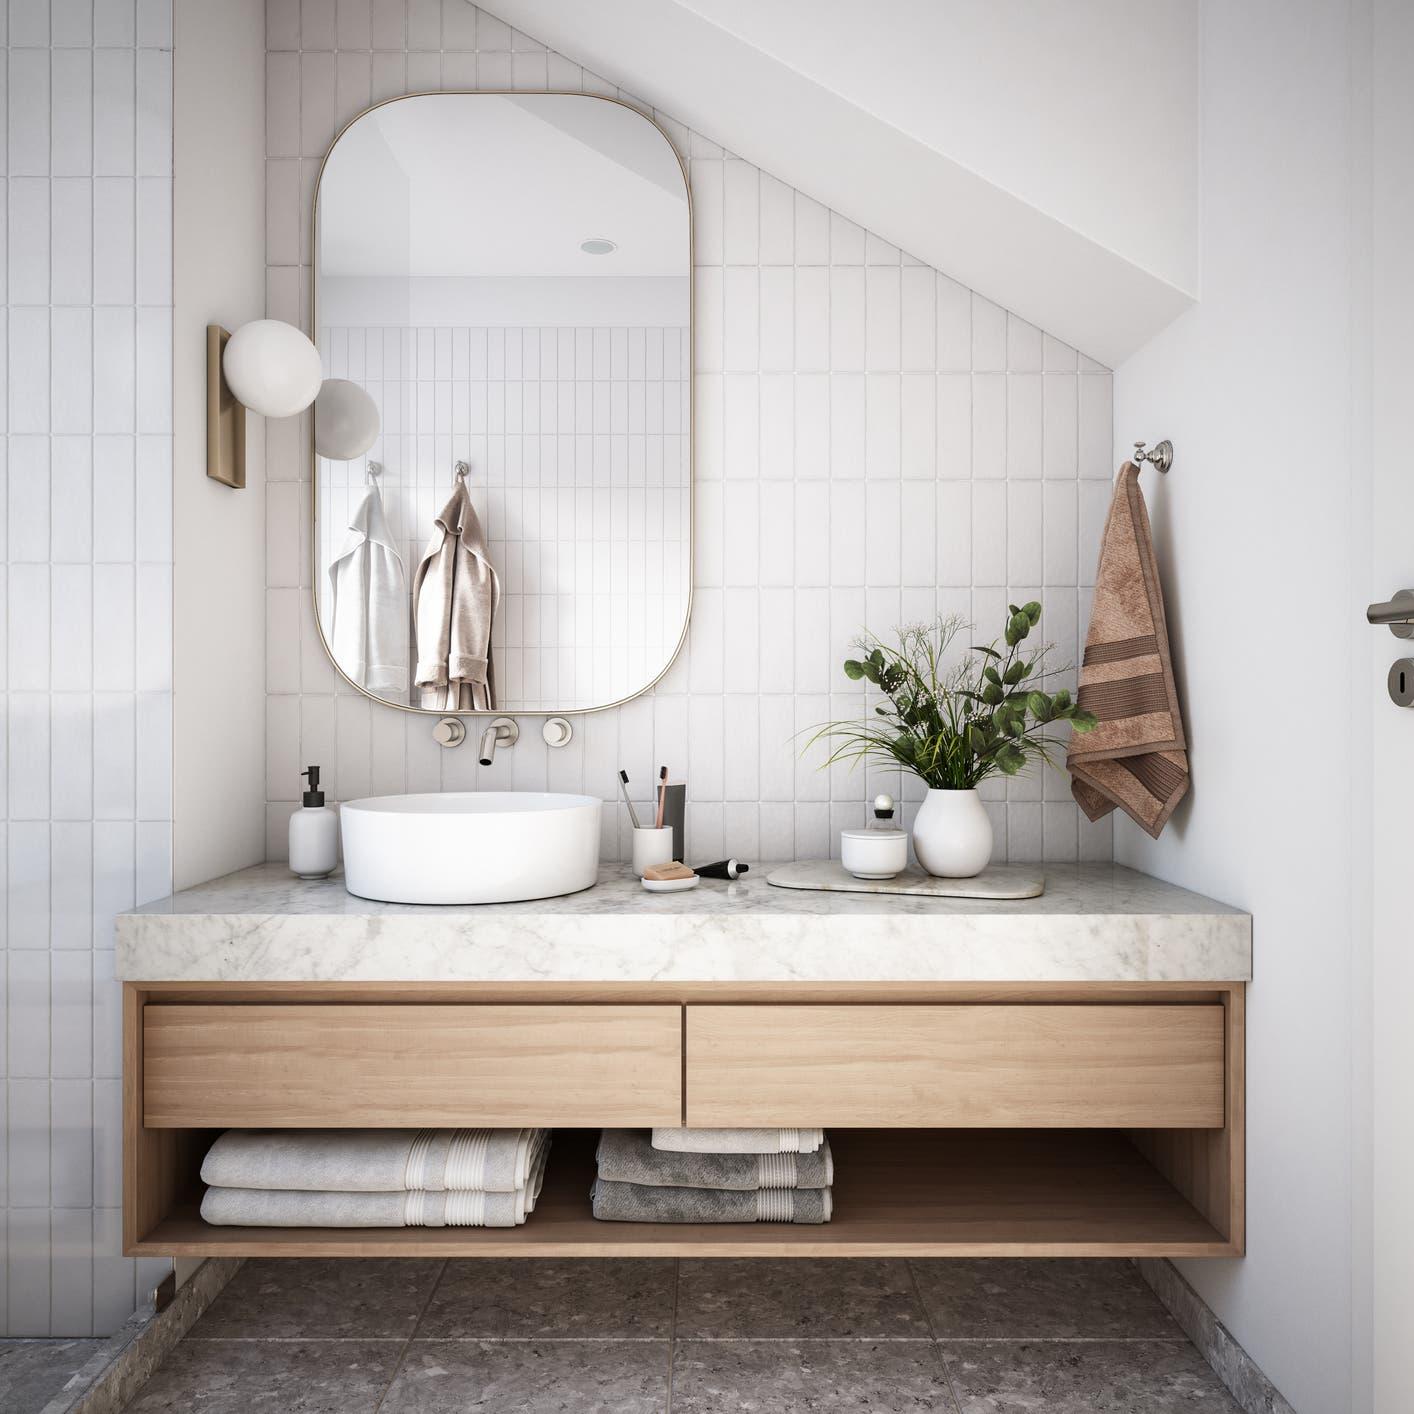 علمياً.. 7 عادات خاطئة في الحمام تضر بصحة الإنسان